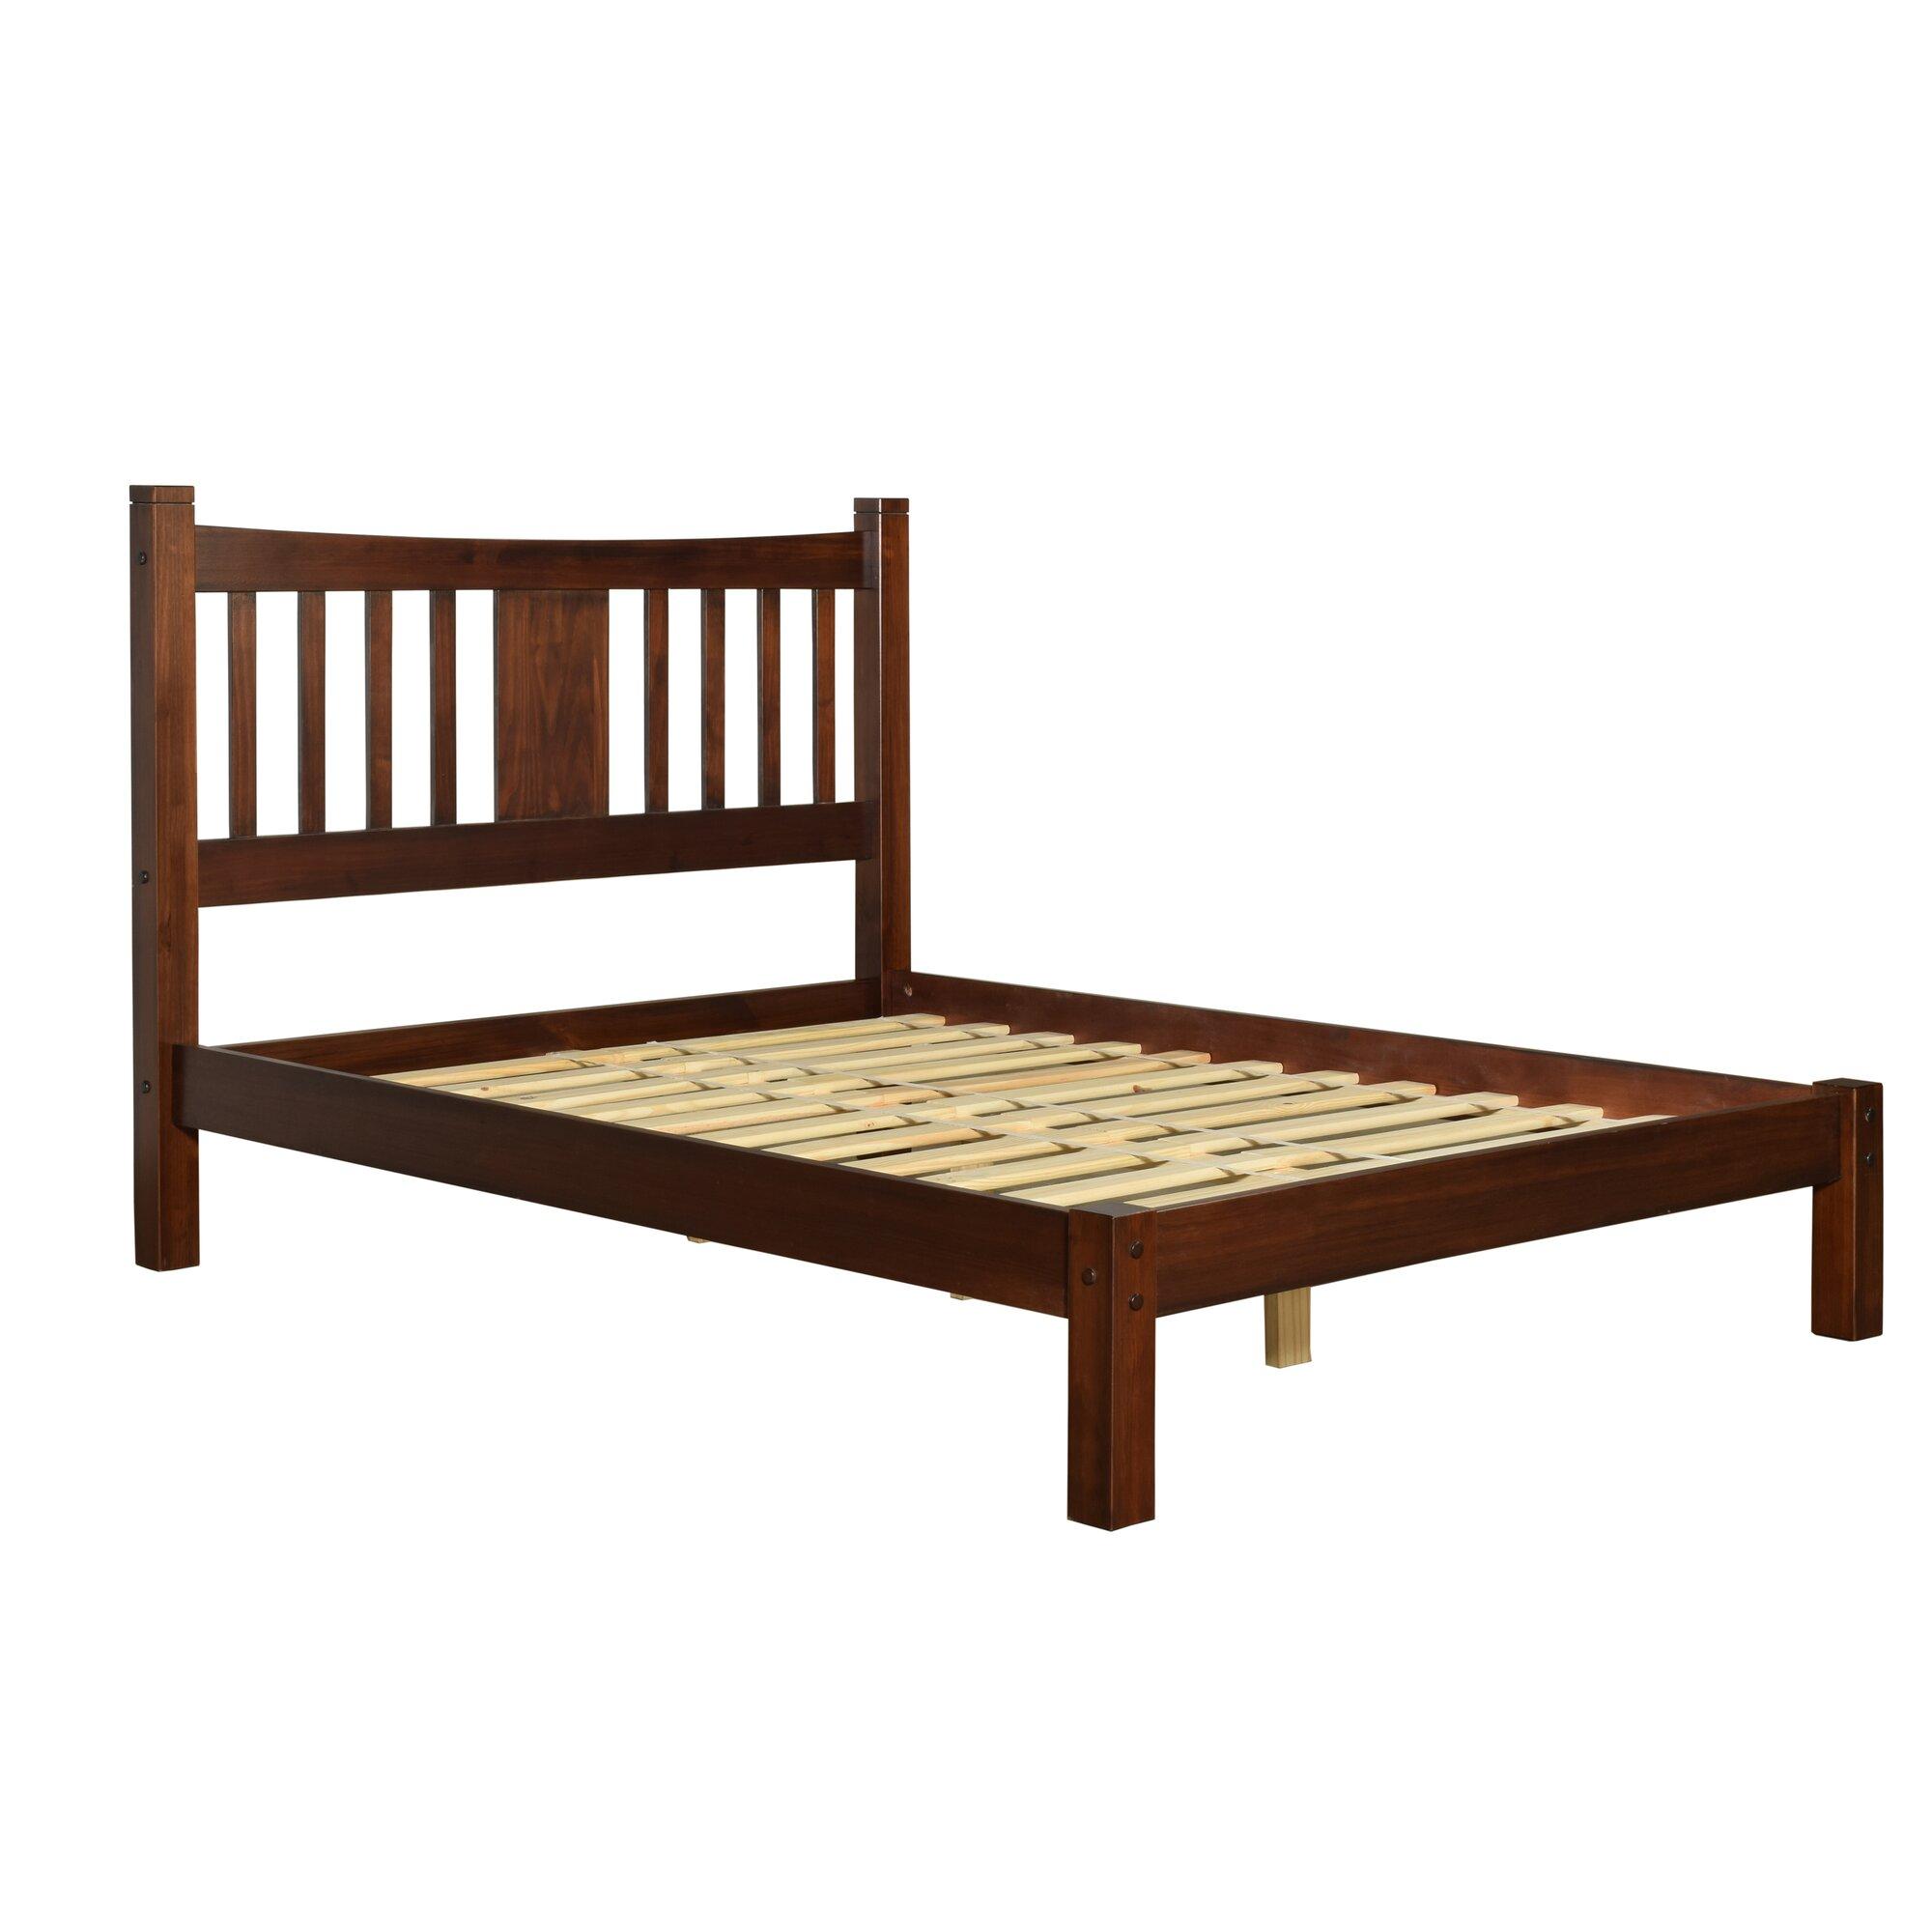 Grain Wood Furniture Shaker Platform Bed & Reviews